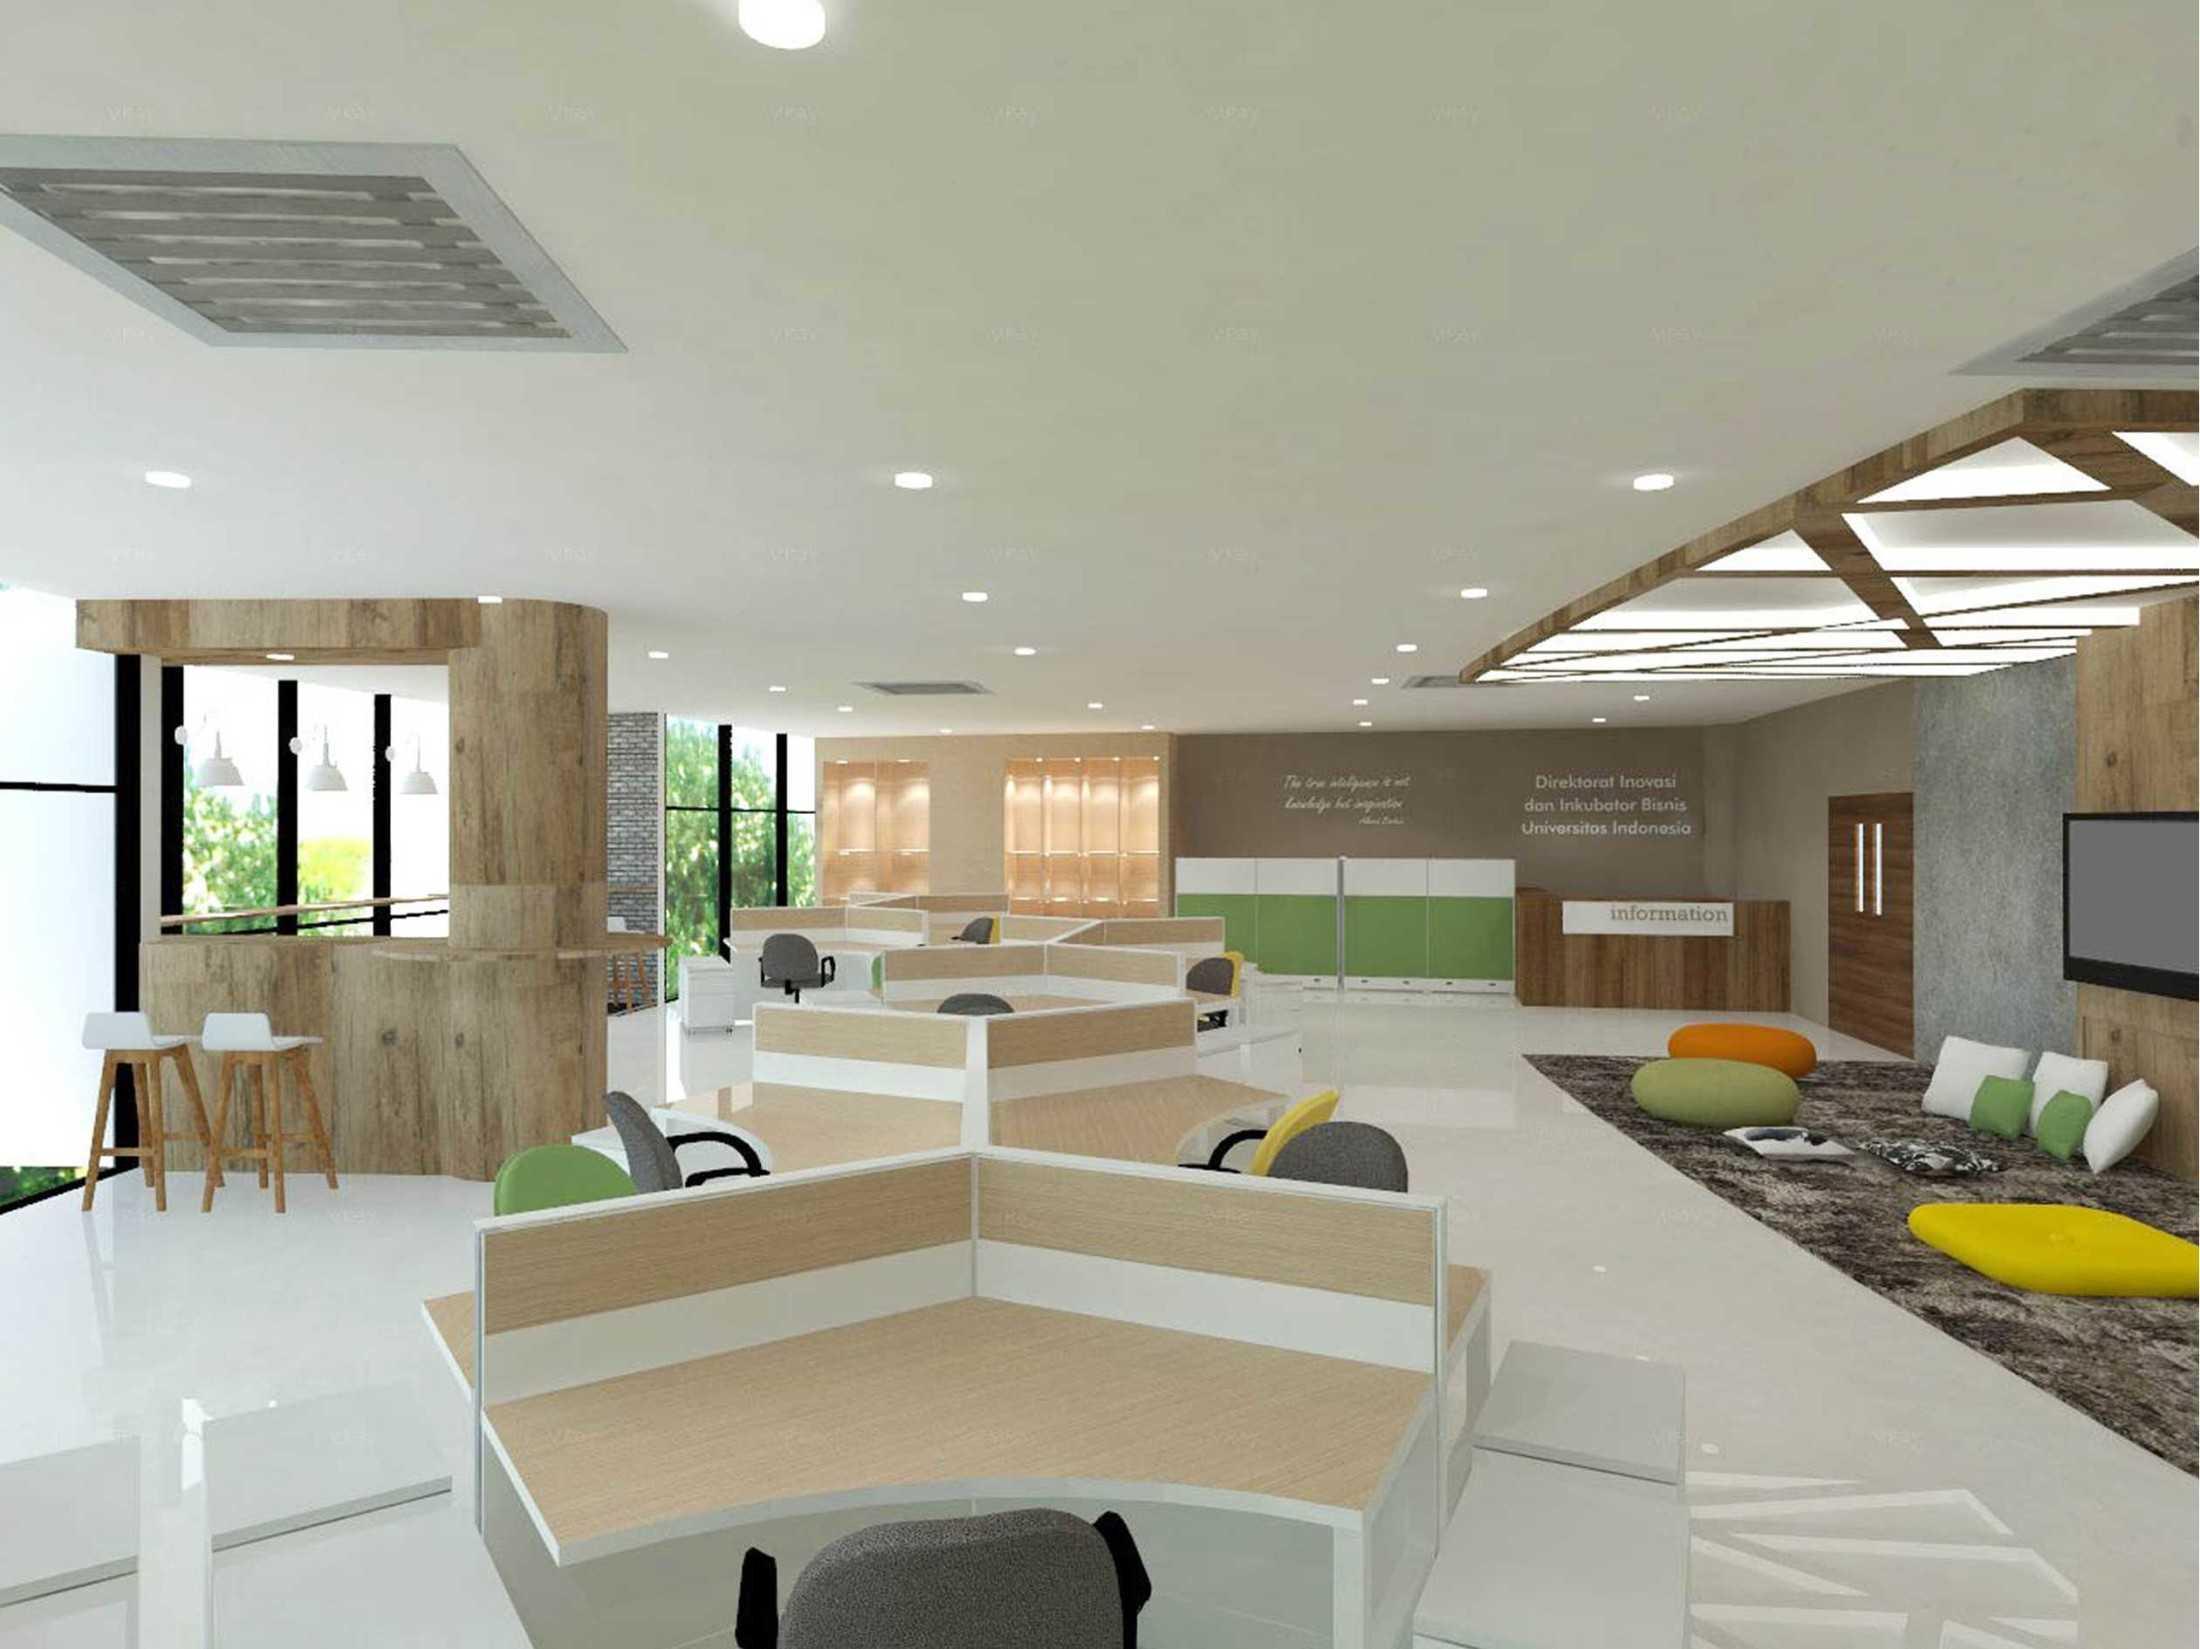 Jasa Arsitek Giesmart Interior di Cilacap